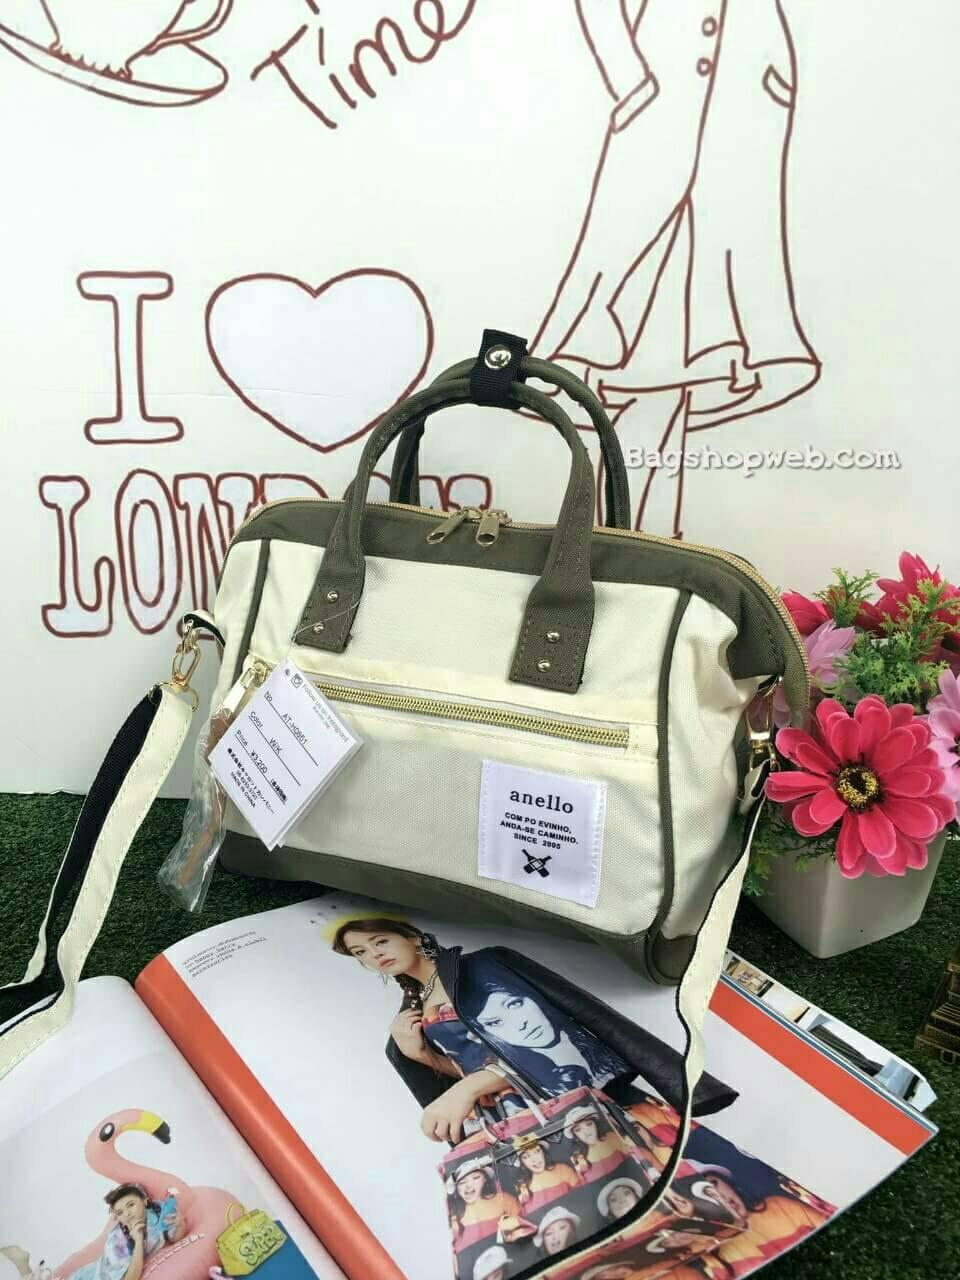 กระเป๋า Anello 2 Way Mini Boston Bag Twotone ขาวเขียว สะพายข้างลำตัว